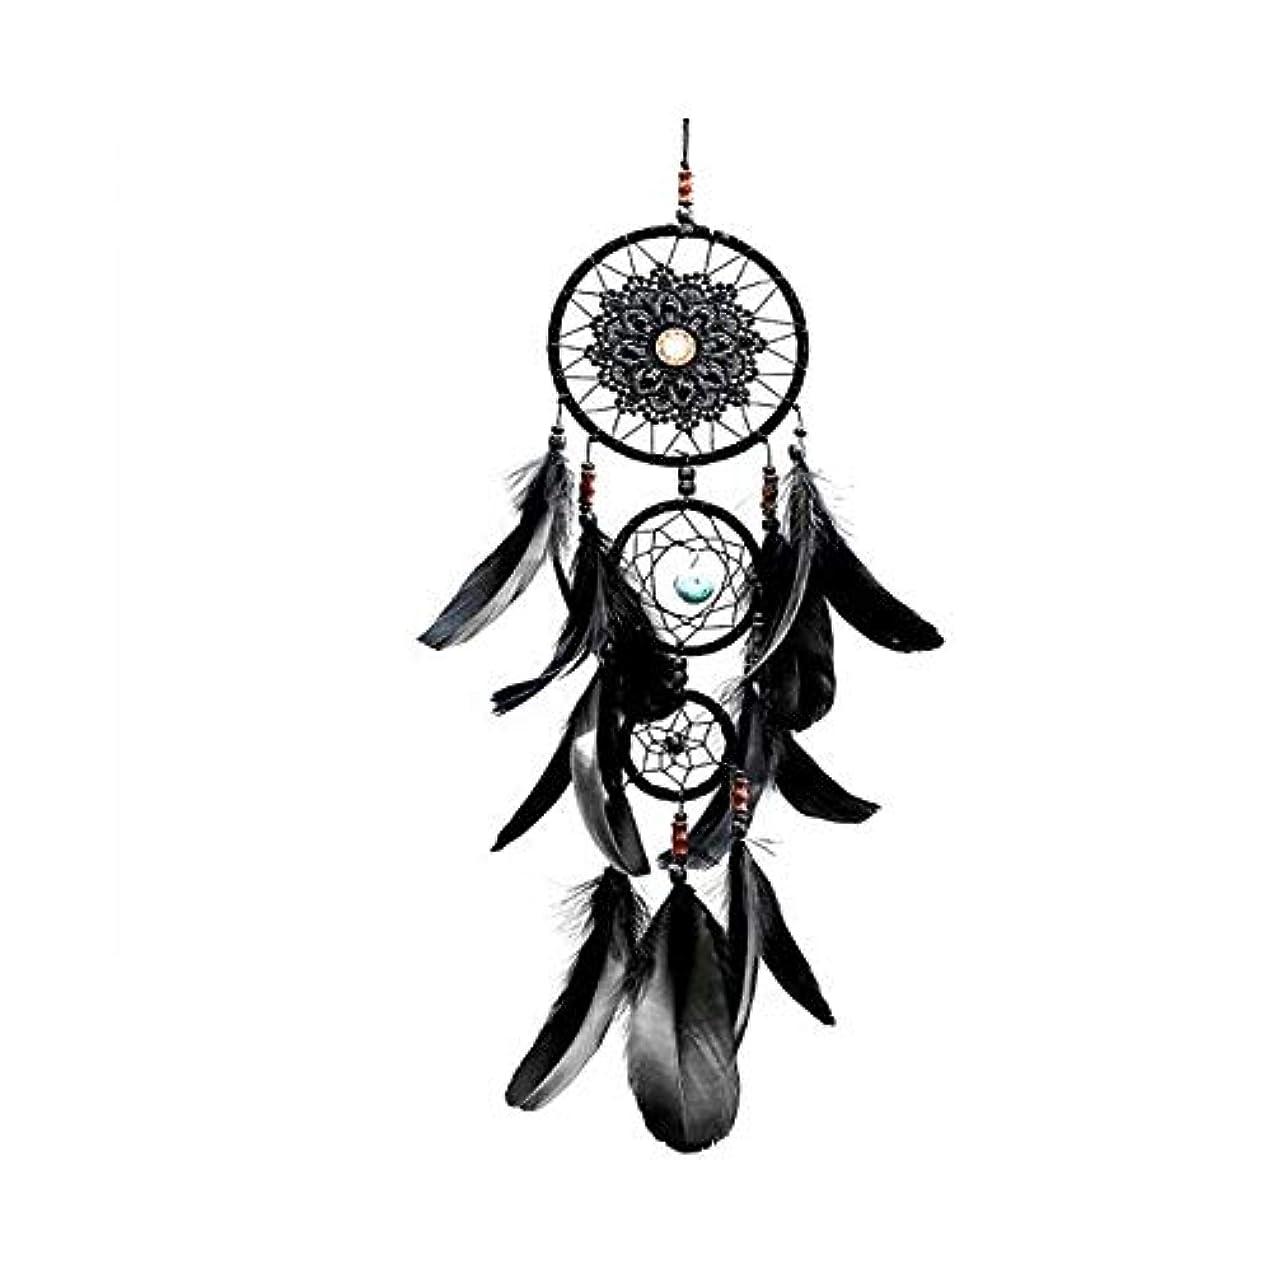 ハードウェアサンダー形容詞風鈴、黒の3環の装飾、家の装飾、ベッドルームのバルコニーの装飾のペンダント (Size : 57cm)